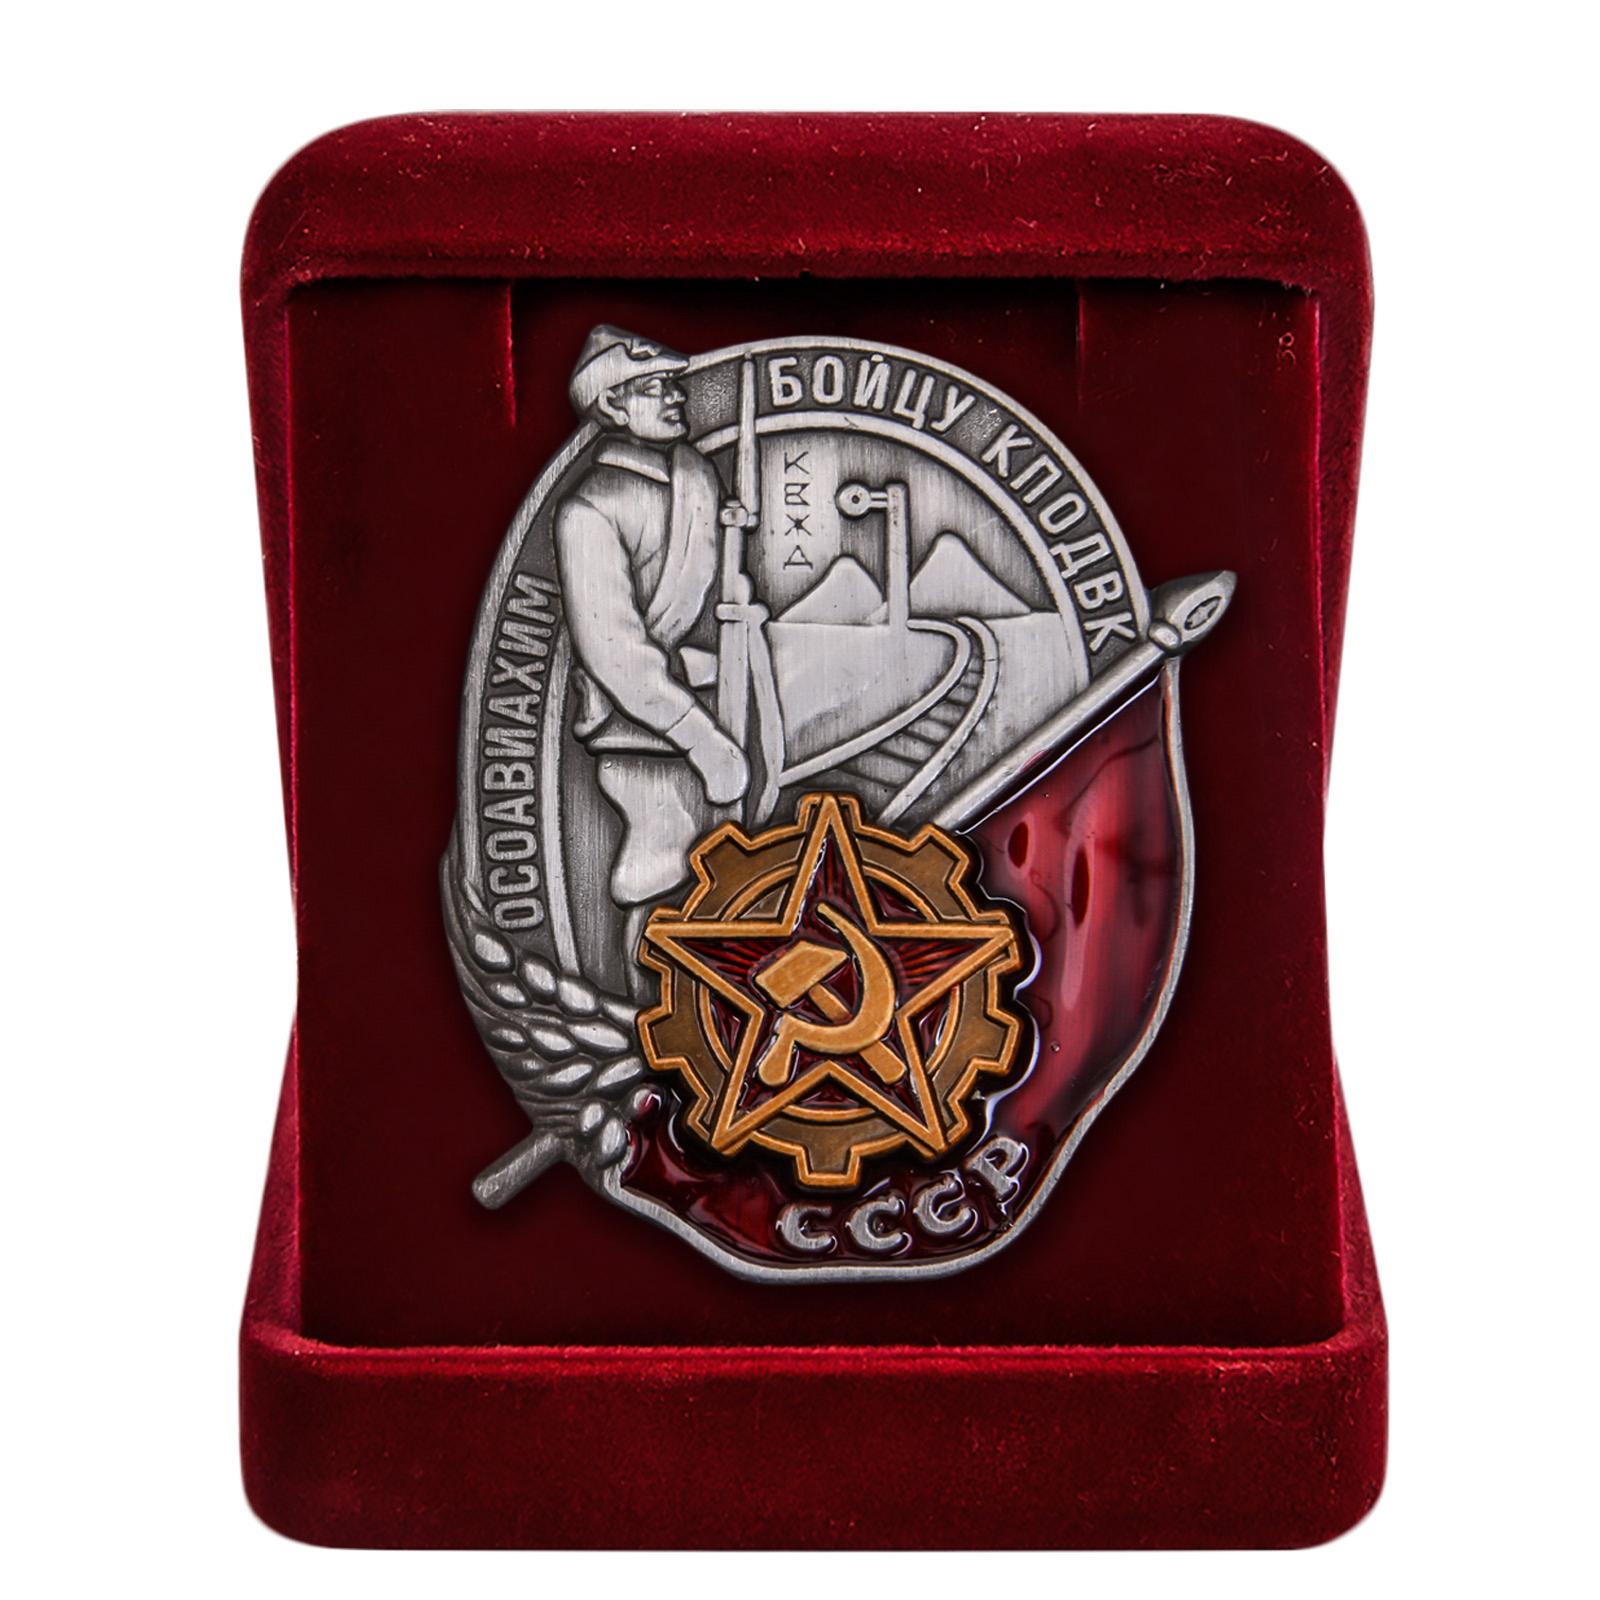 Купить наградной знак Осоавиахима СССР Бойцу КПОДВК оптом или в розницу